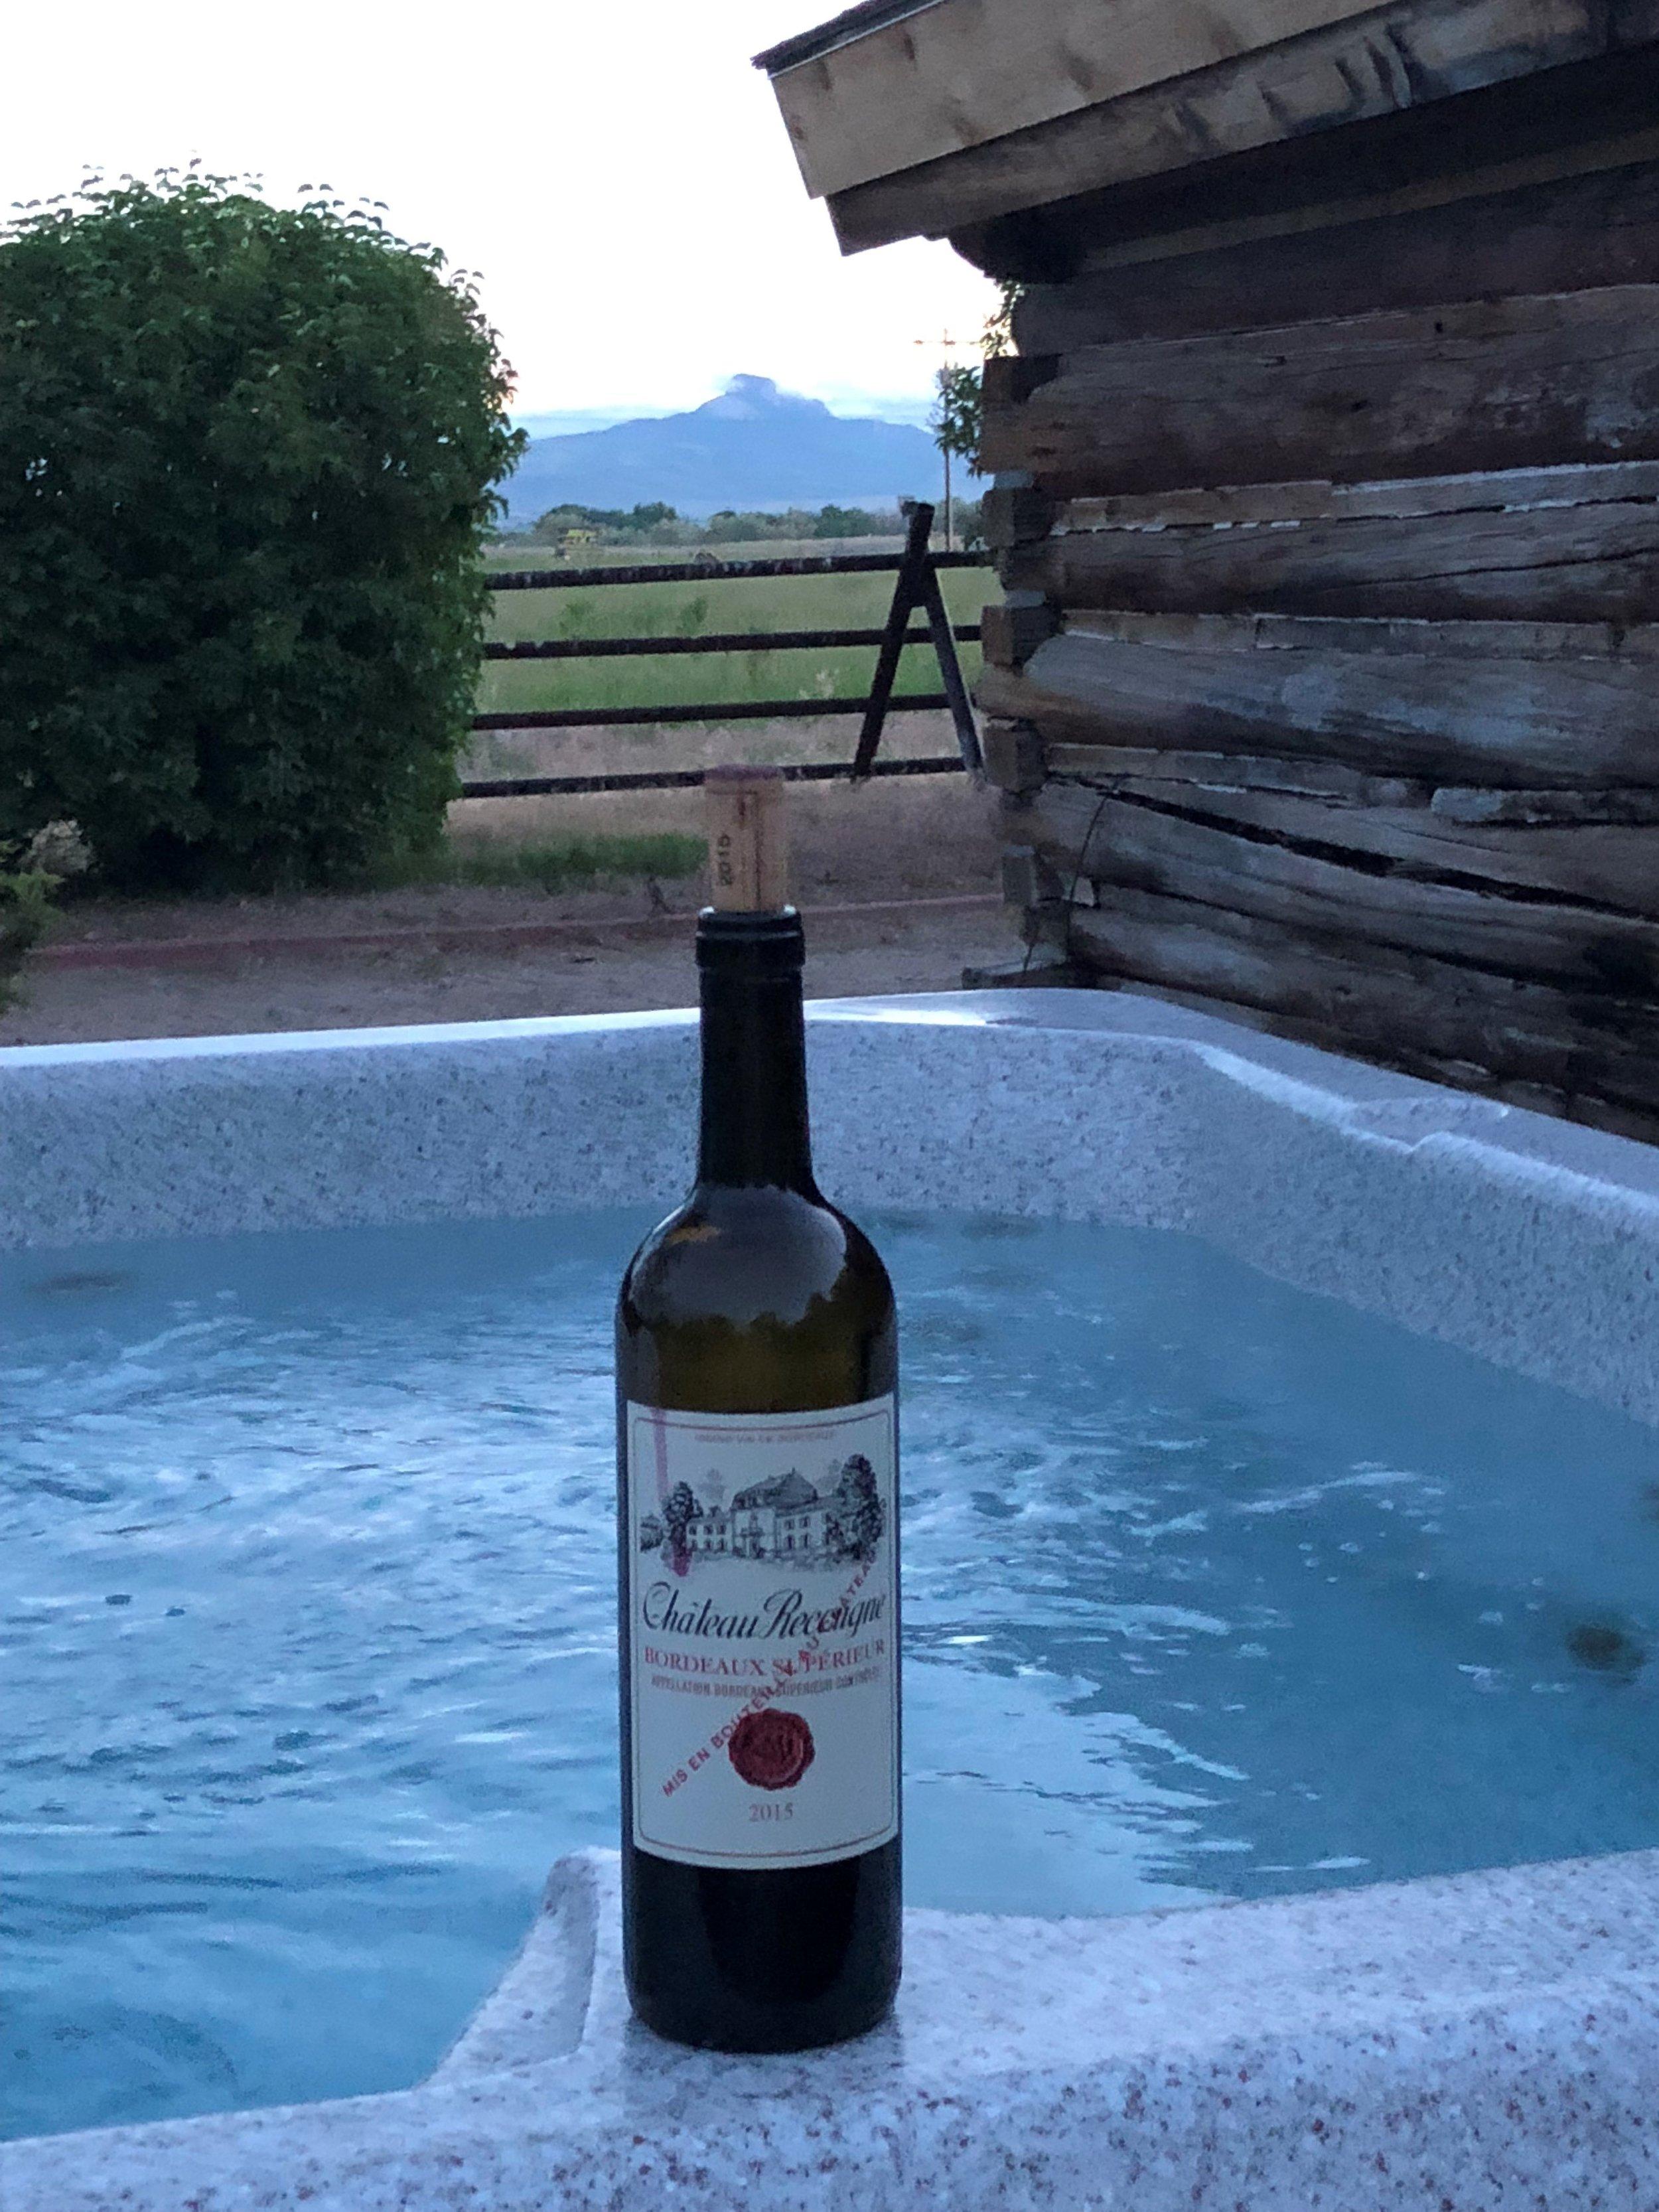 hot tub and wine.jpg